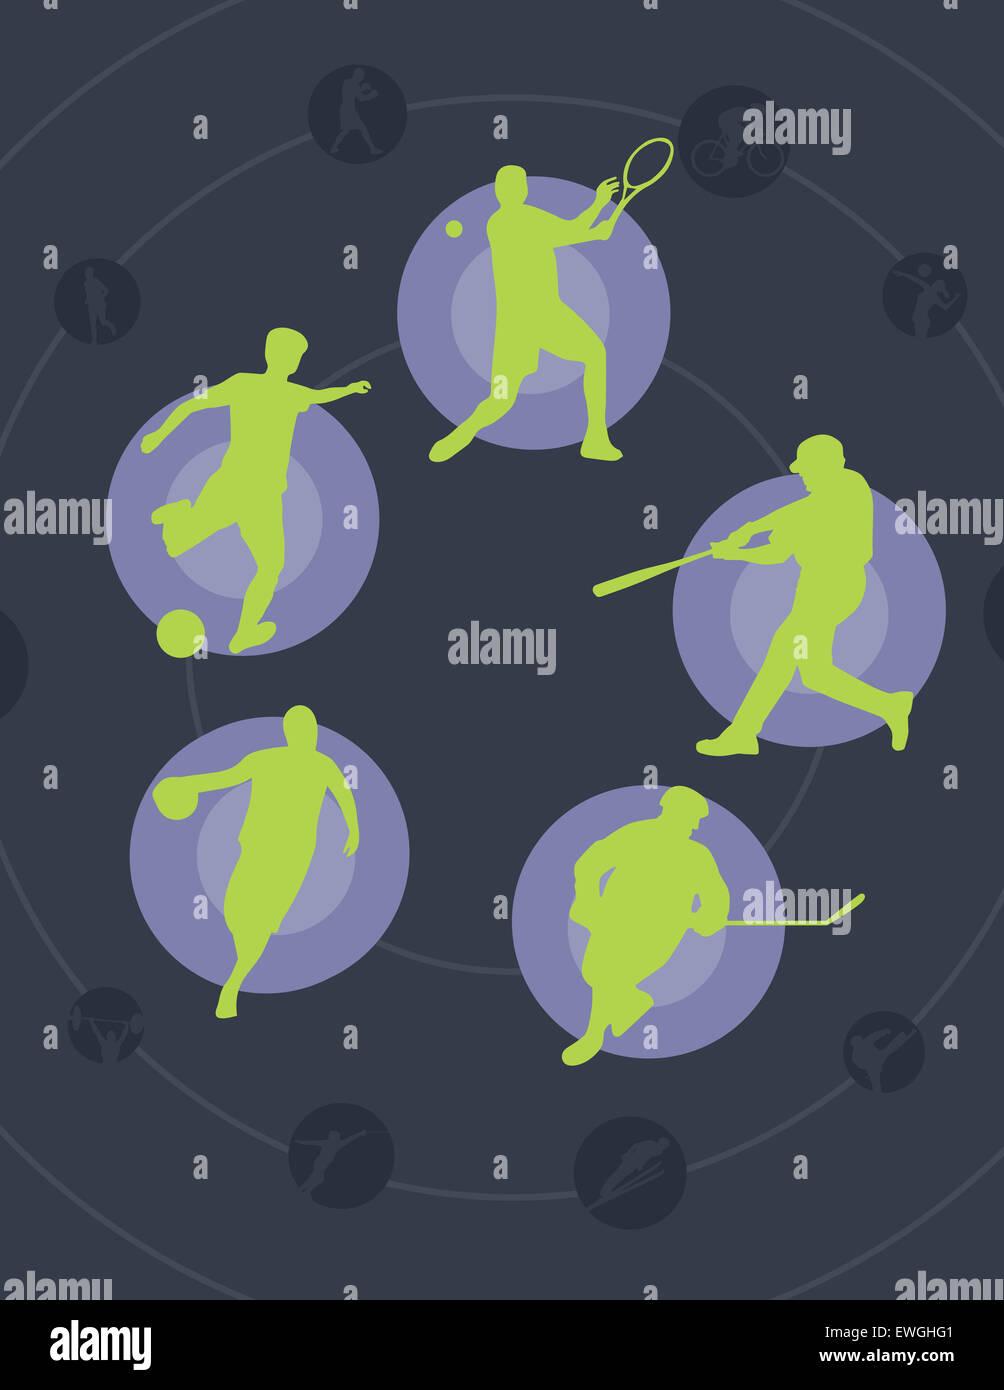 Illustration libre de jeux de ballon universel les hommes jouent Photo Stock